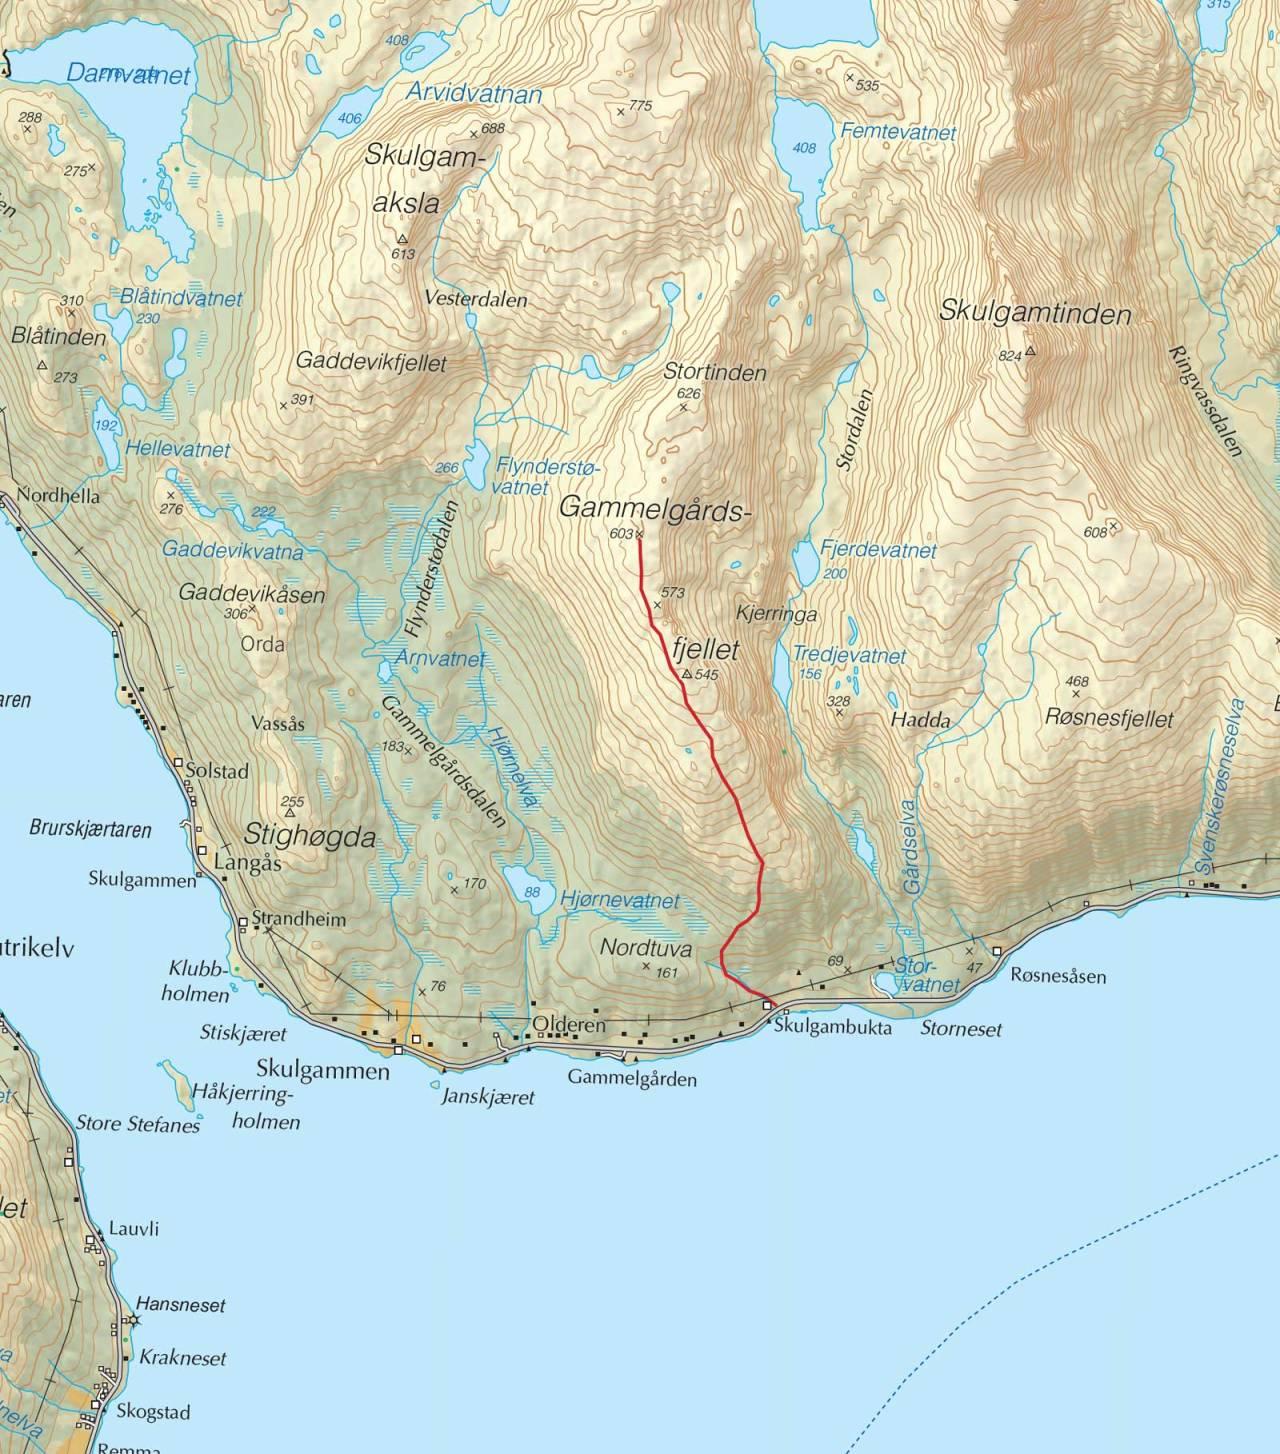 Kart over Gammelgårdsfjellet med inntegnet rute. Fra Trygge toppturer.